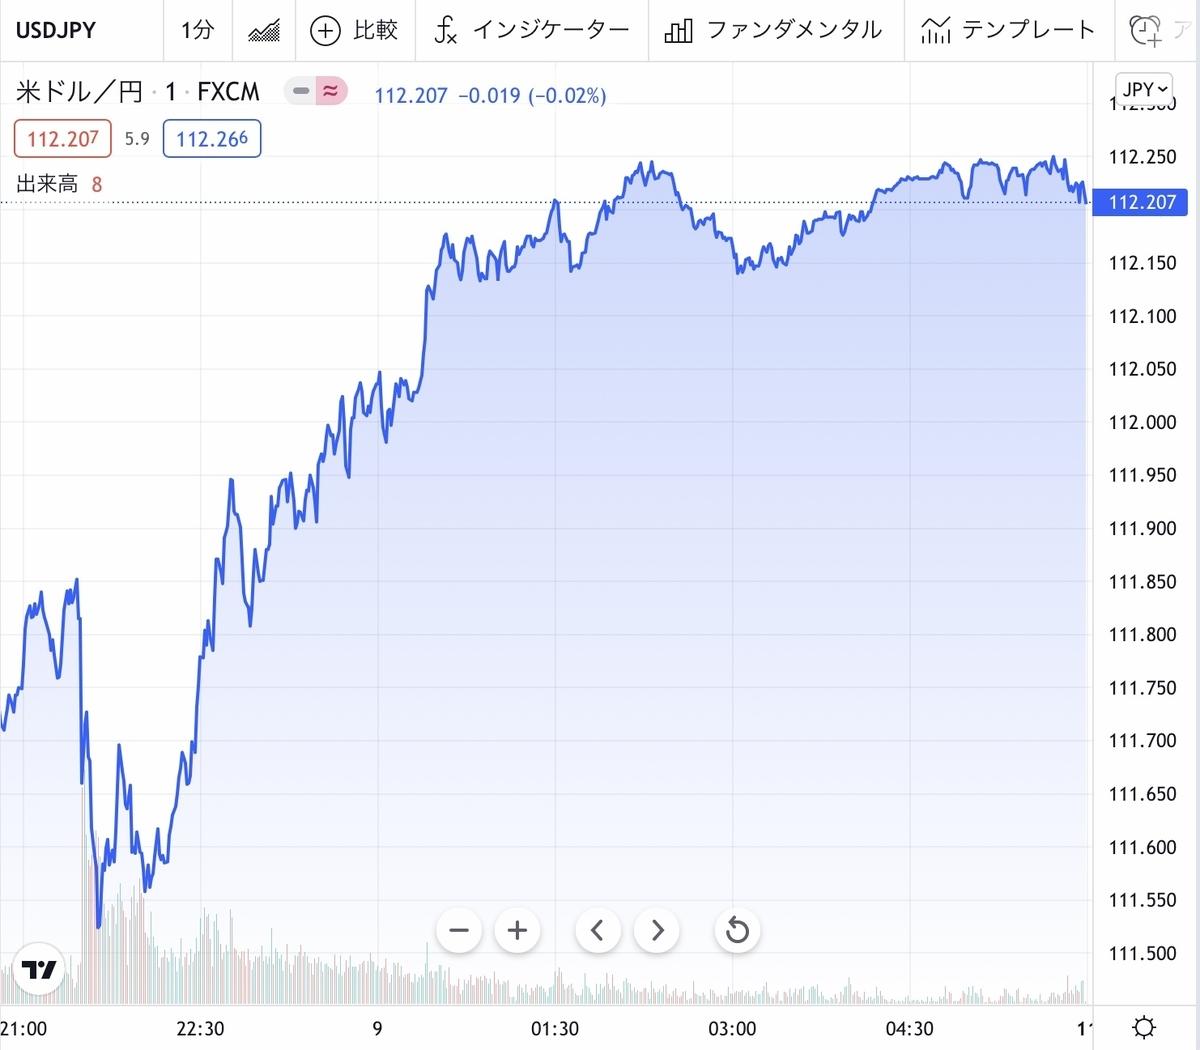 f:id:US-Stocks:20211009083248j:plain